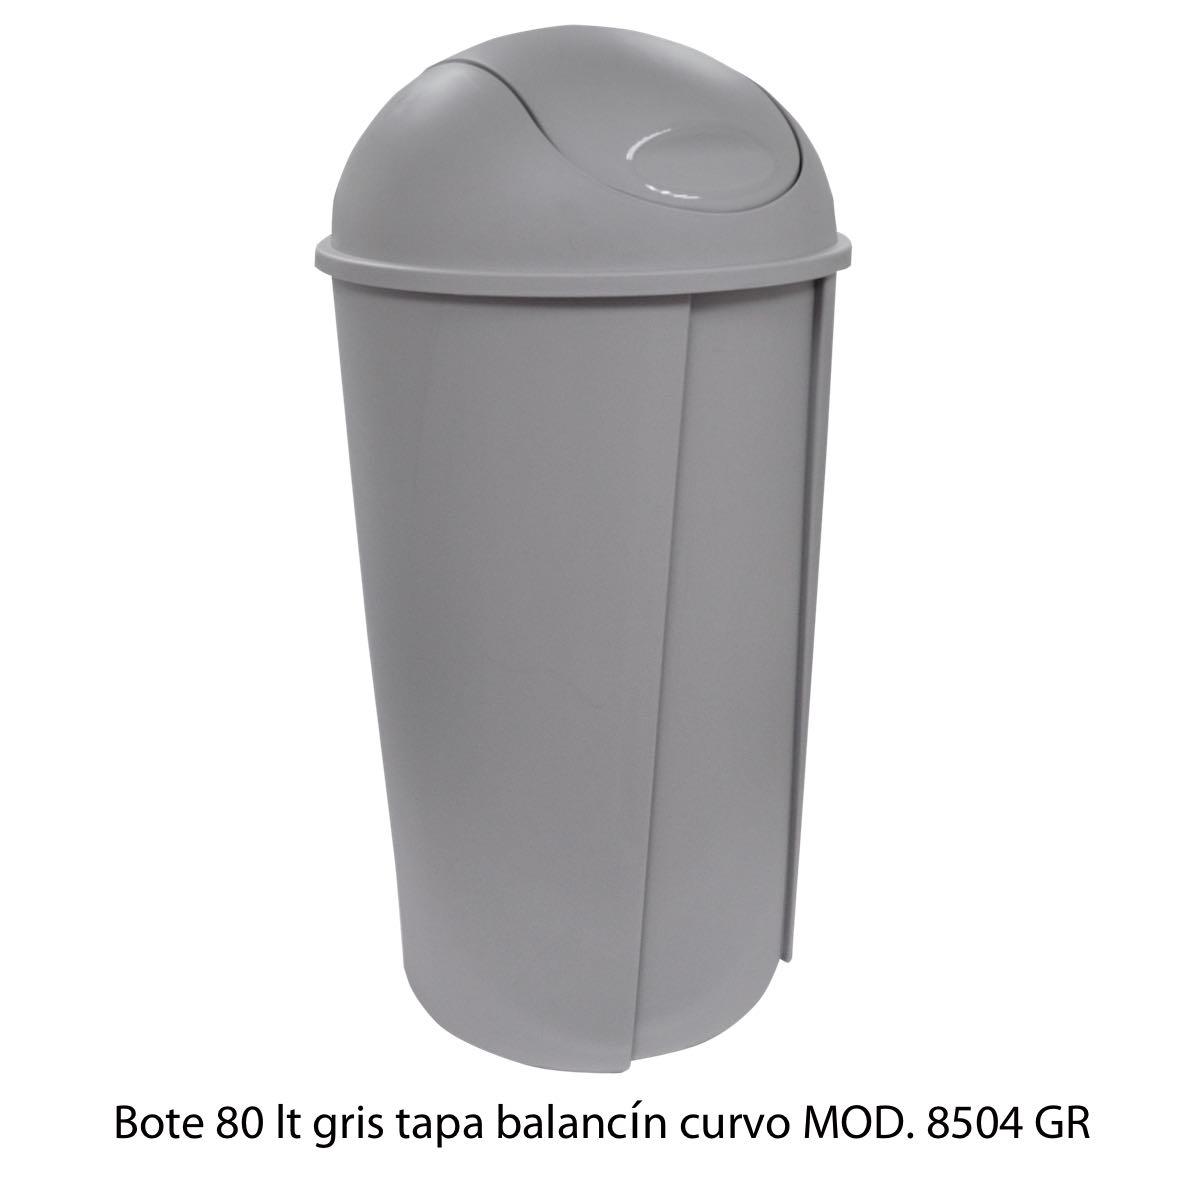 Bote de bausra de 80 litros con tapa balancín curvo color gris modelo 8504 GR Sablón